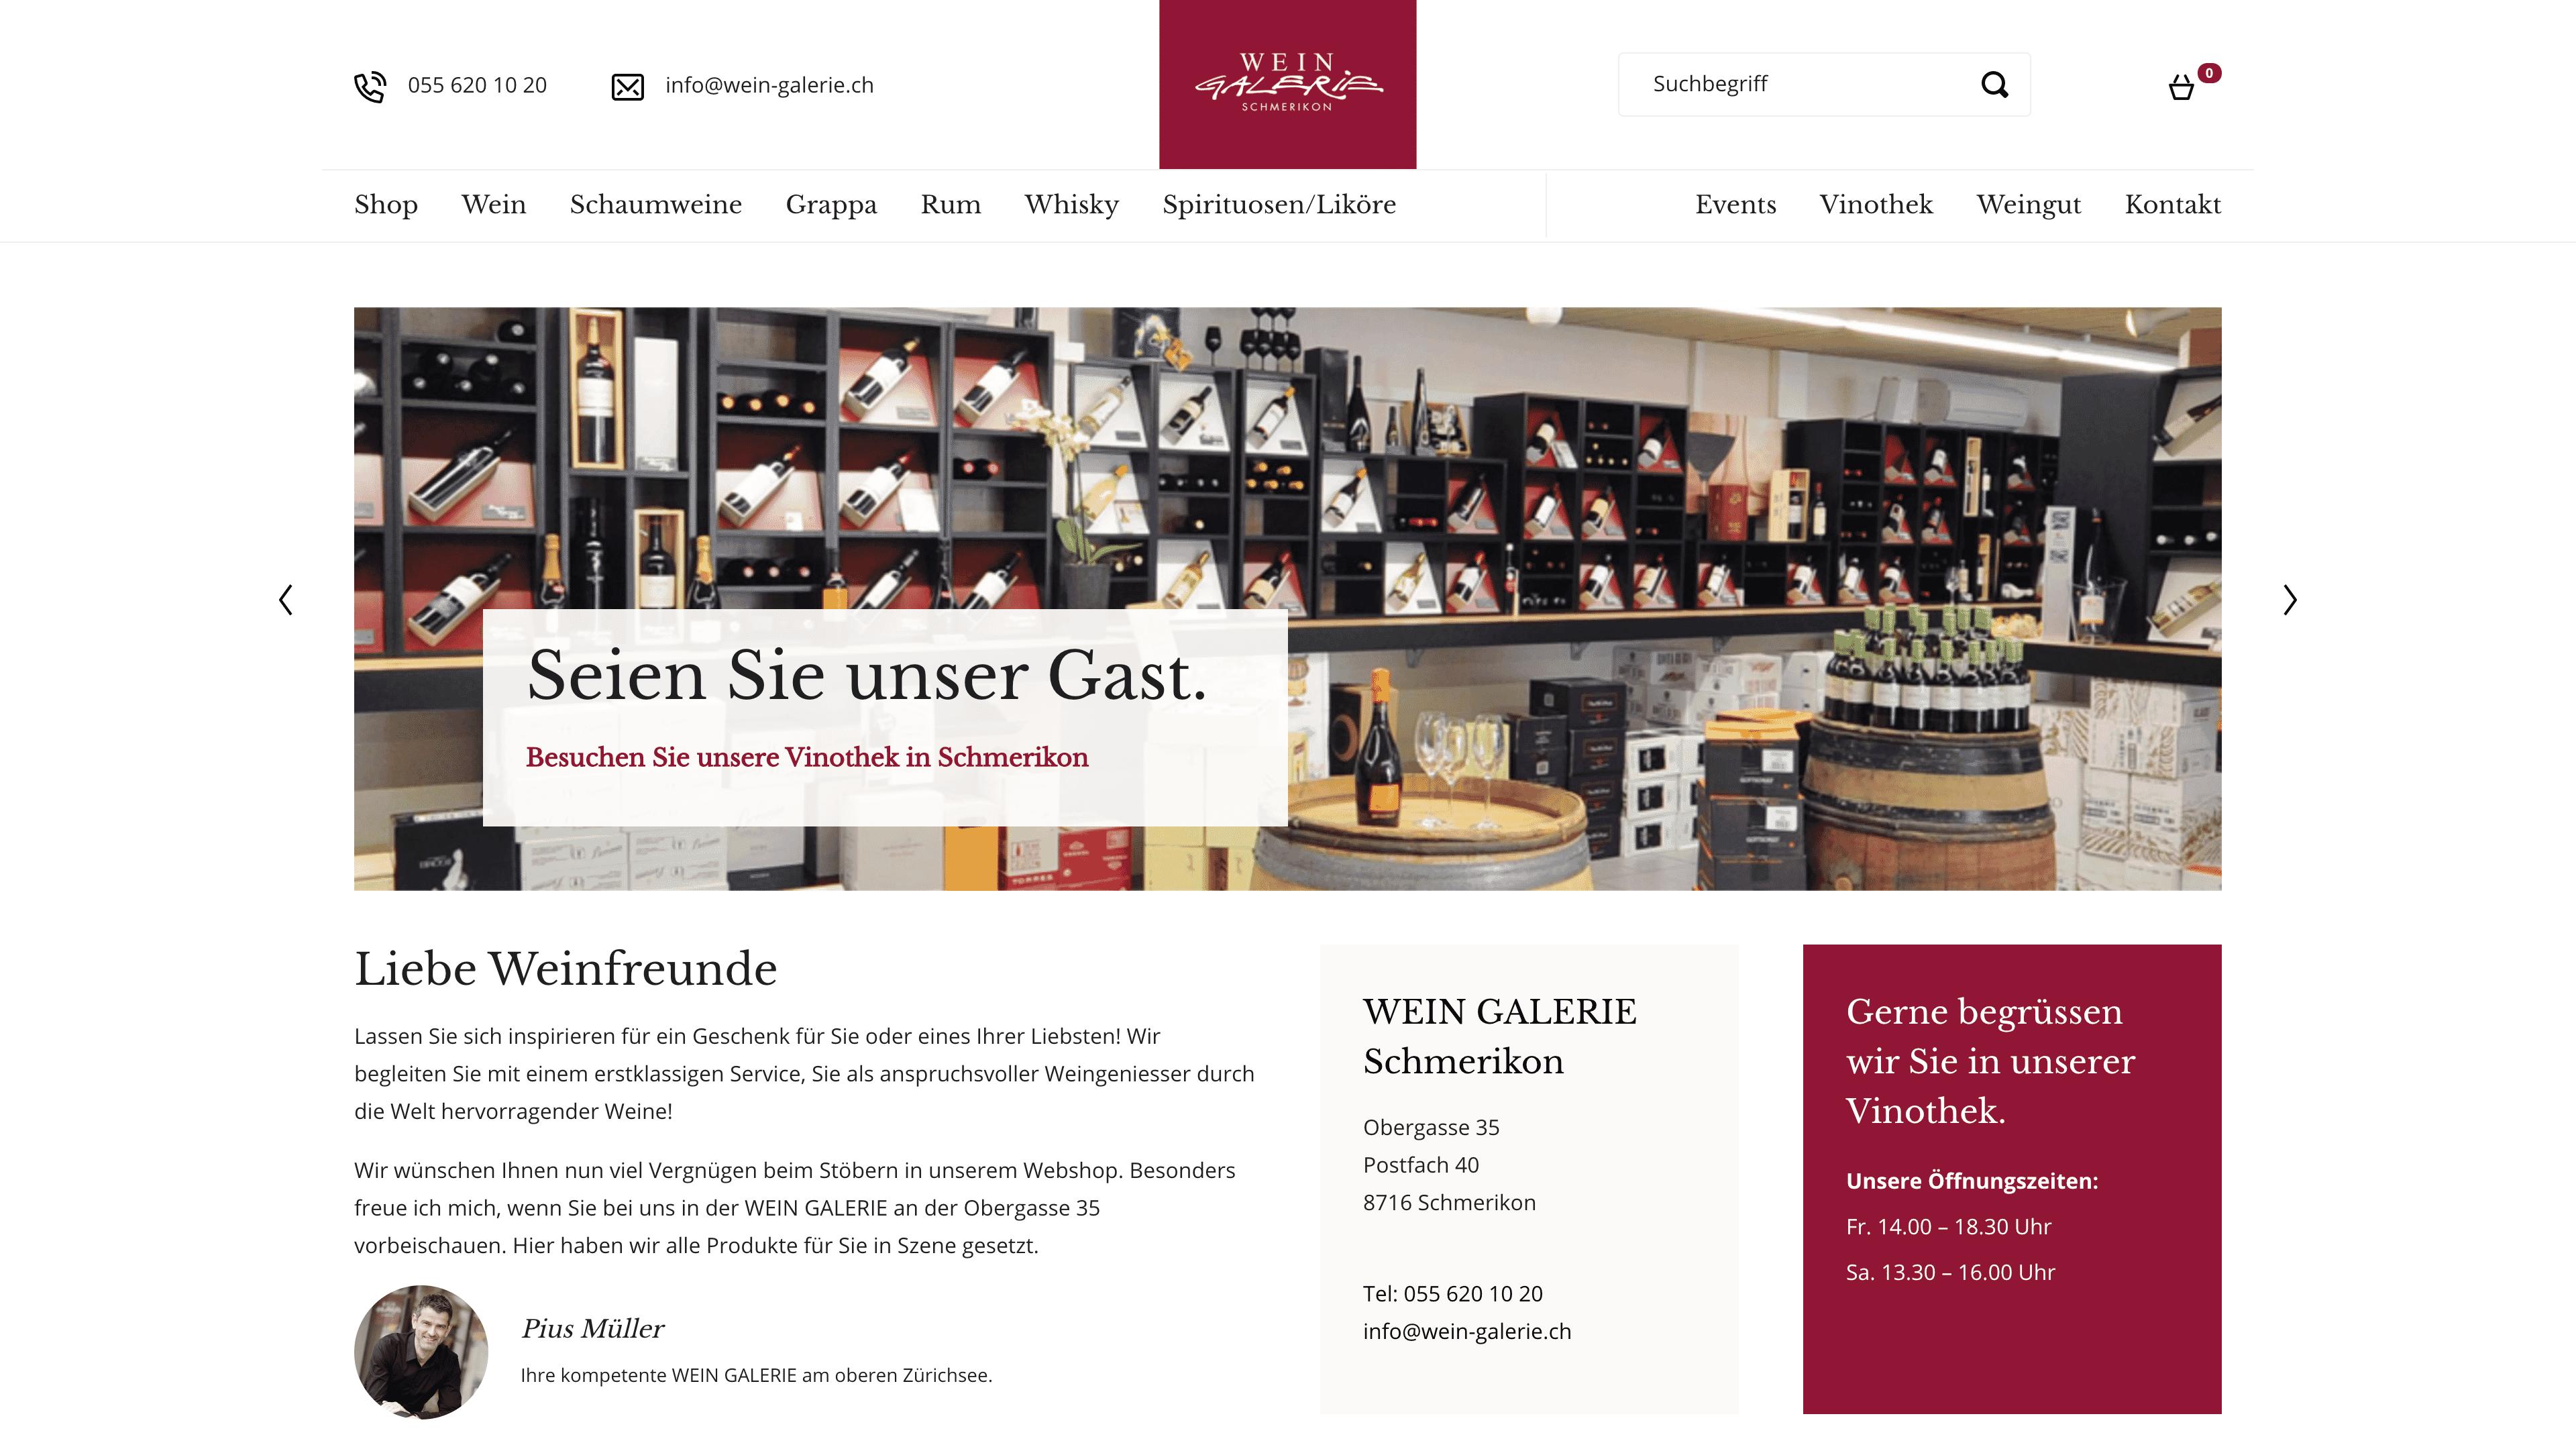 Wein Galerie Schmerikon - Webshop auf Wordpress mit WooCommerce - Home